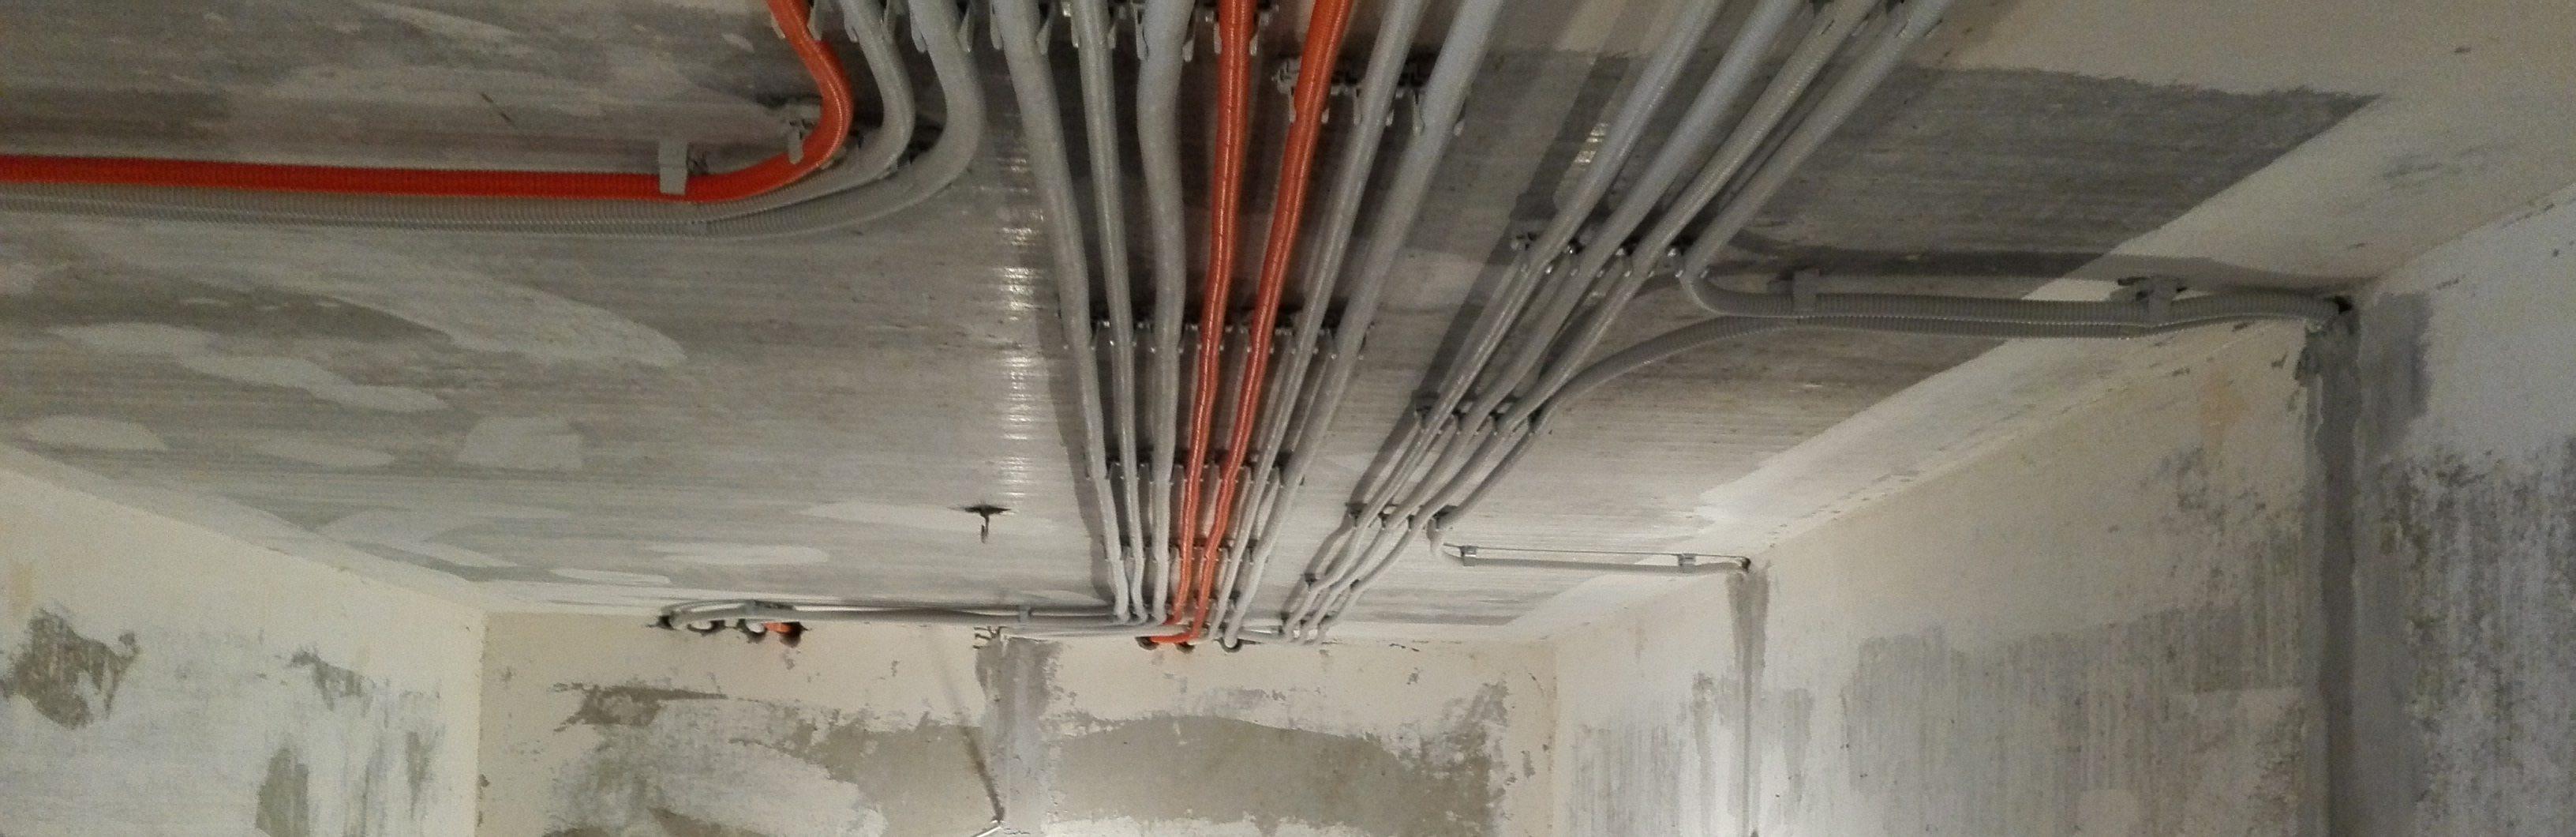 как сделать разводку электропроводки в доме